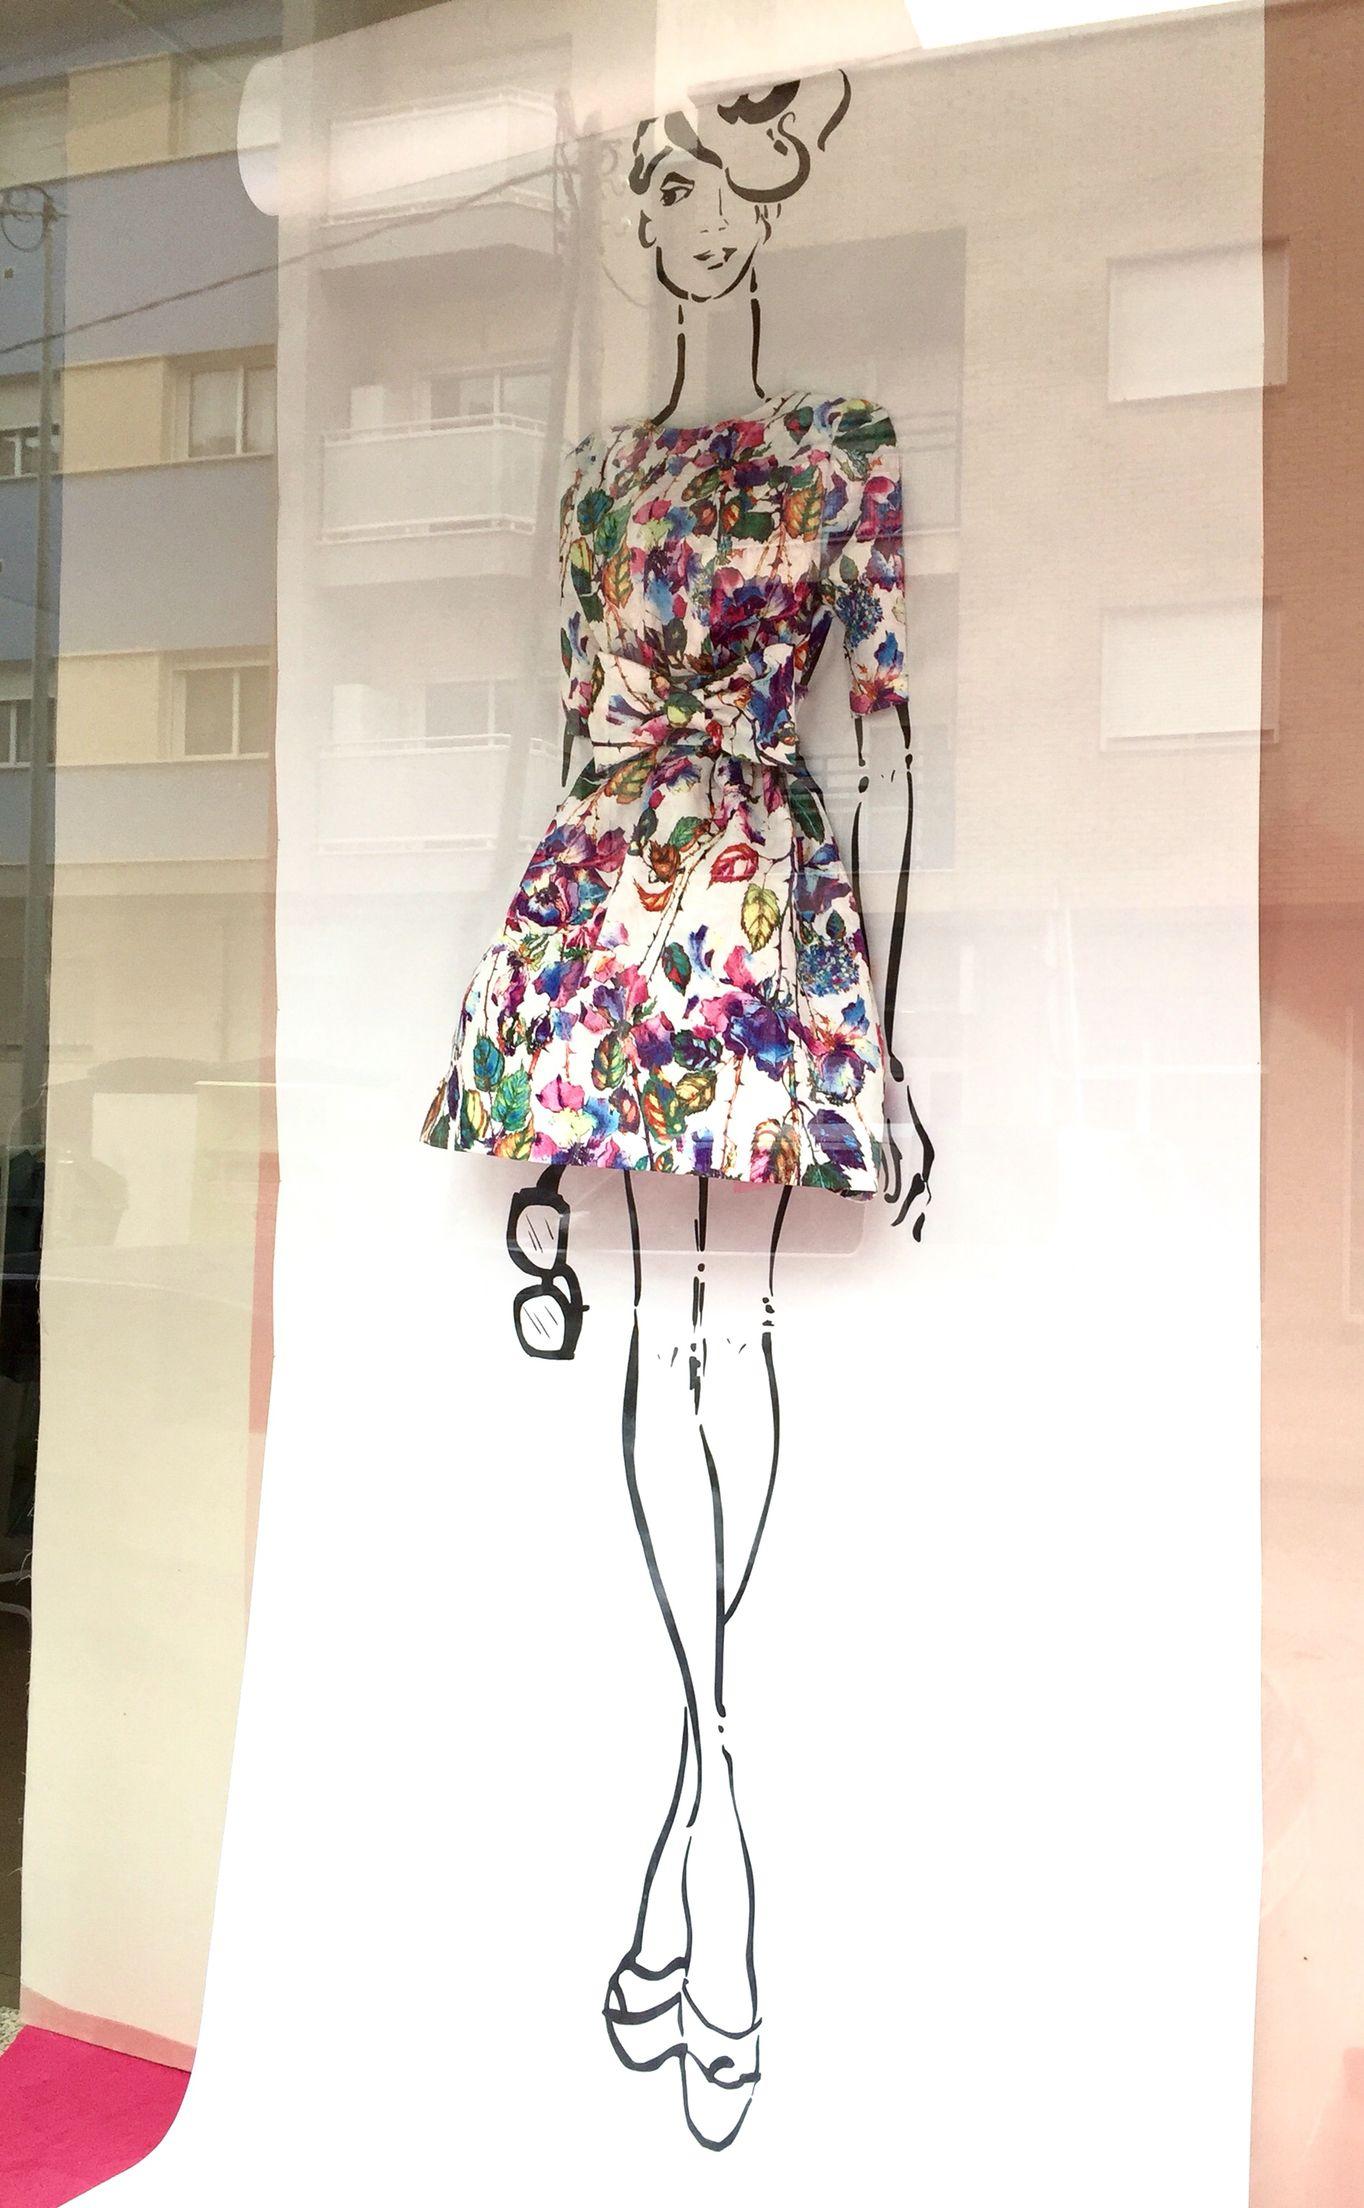 """DELOLITA COSTURA, Alquerias, Murcia, Spain, """"Bocetando tu Moda"""", (Sketching your Fashion), creative by Pablo Escaparatista, pinned by Ton van der Veer"""